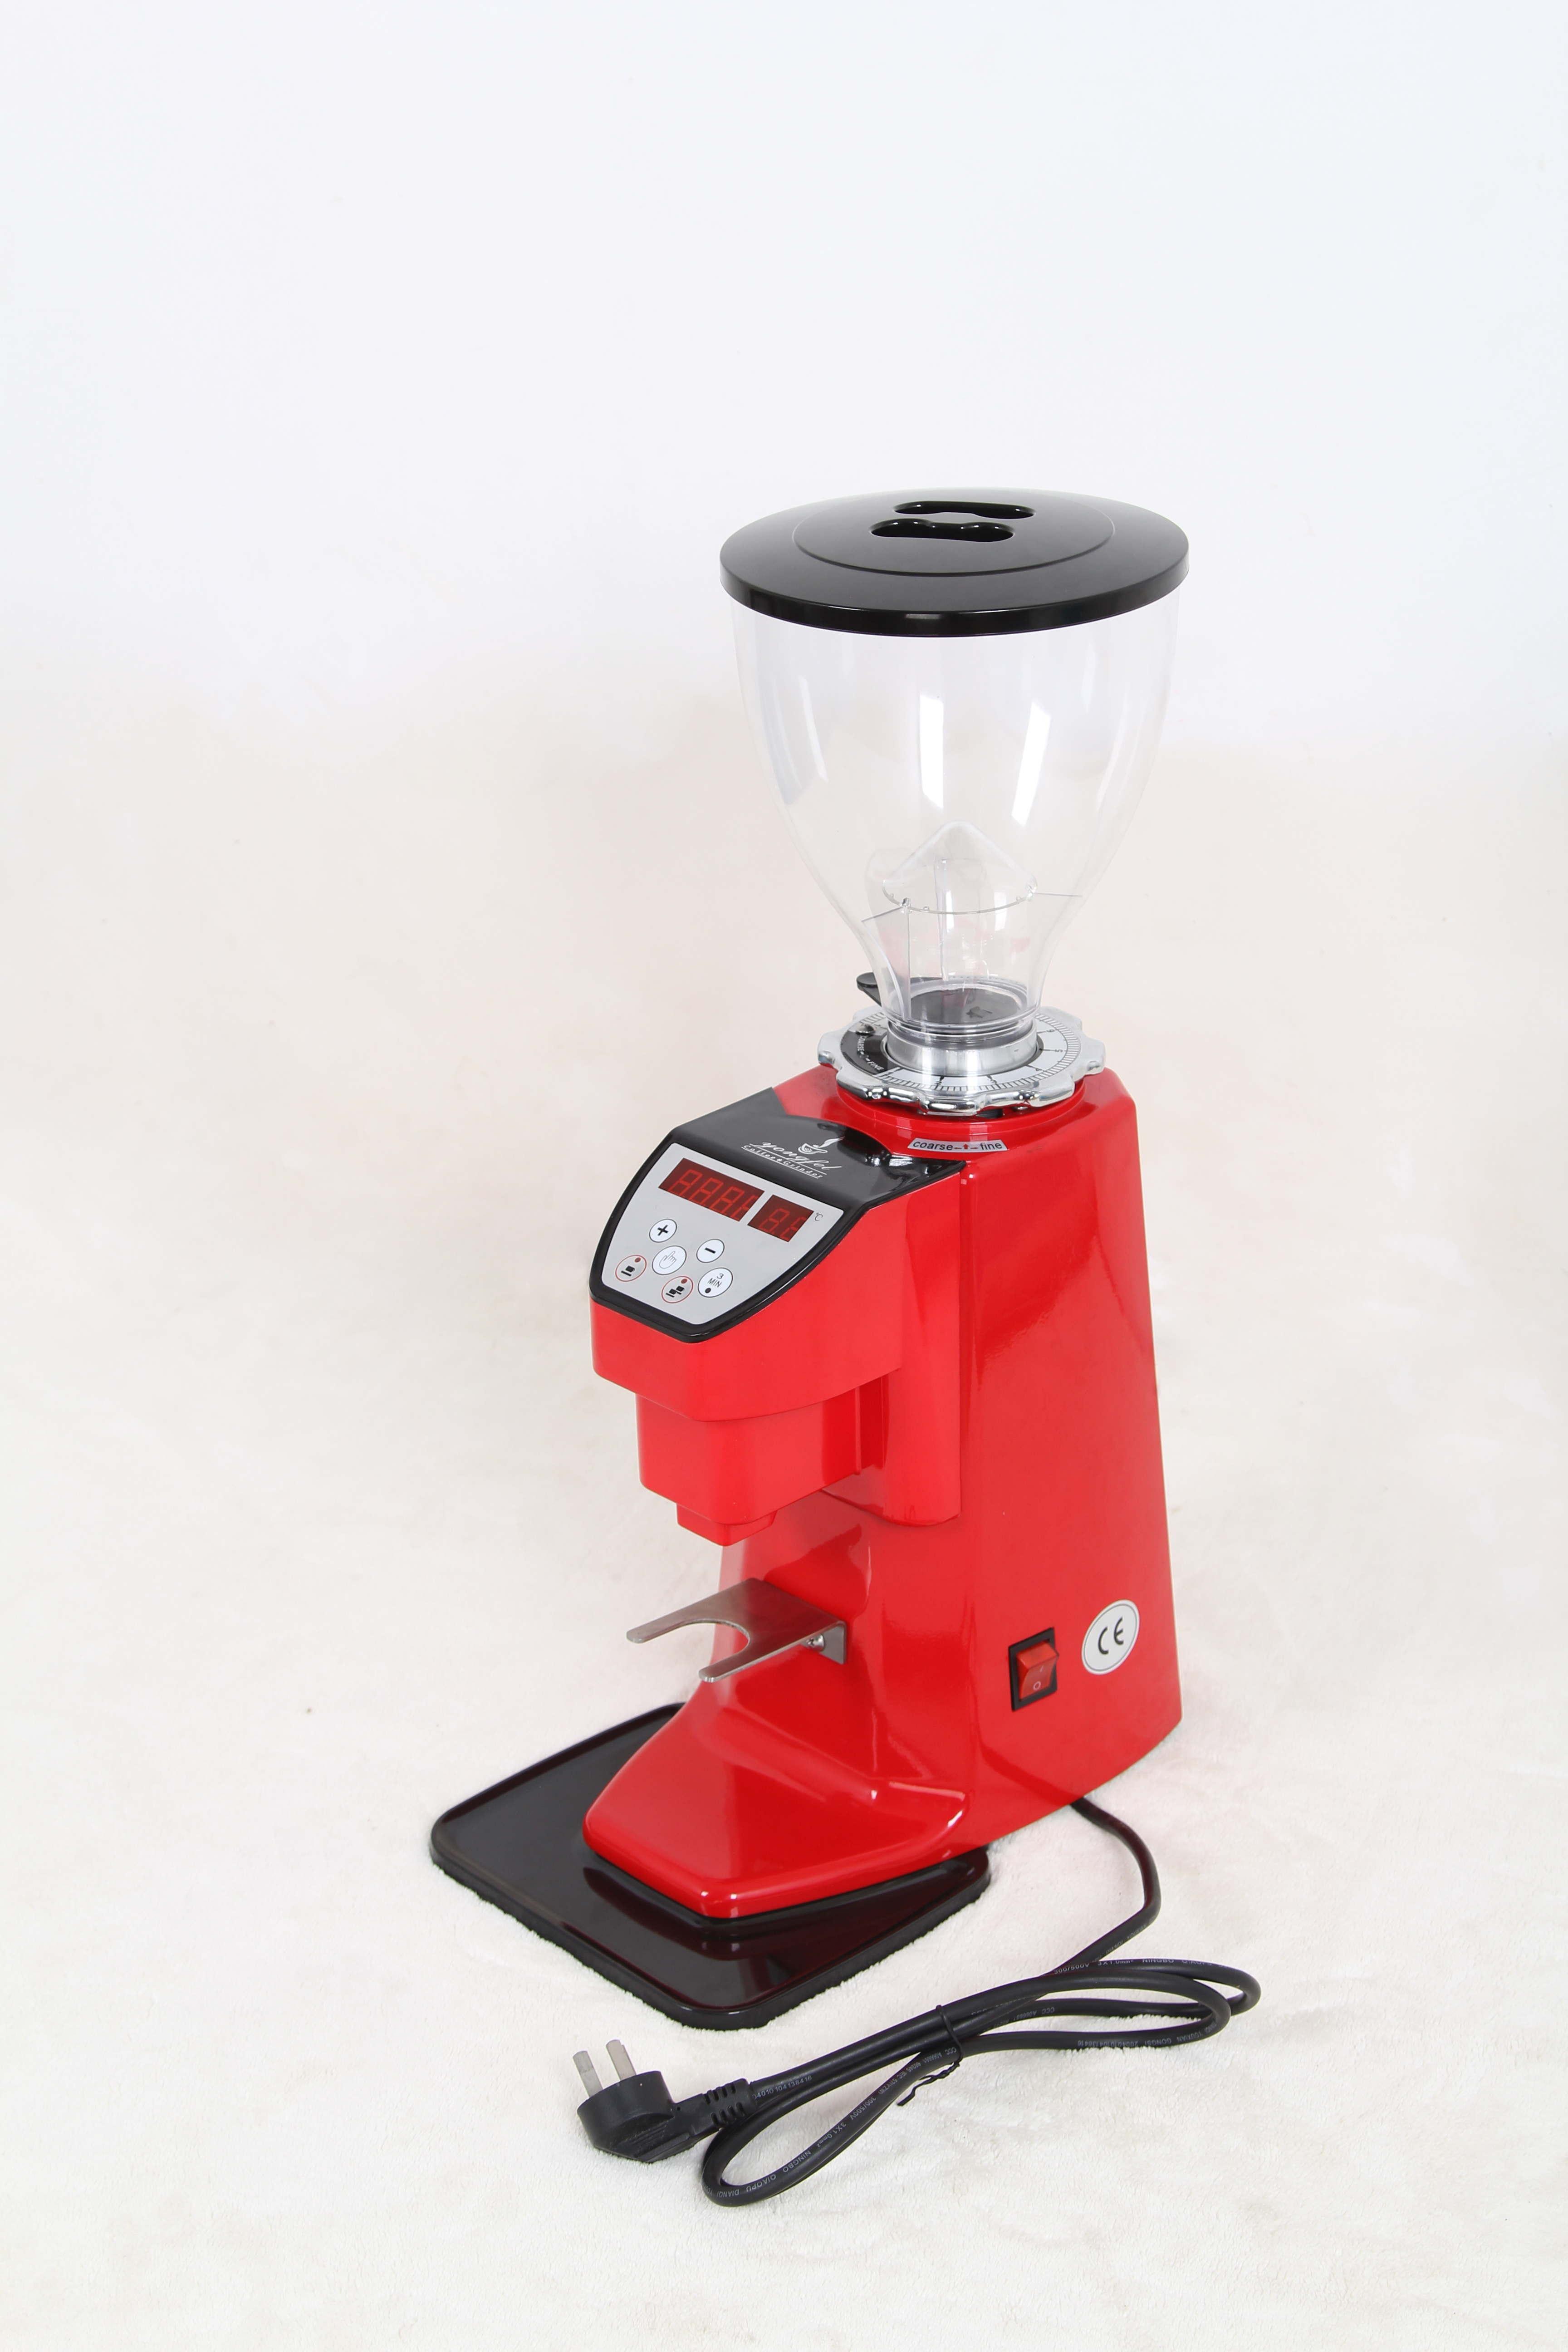 可比克定量磨豆机FB-600